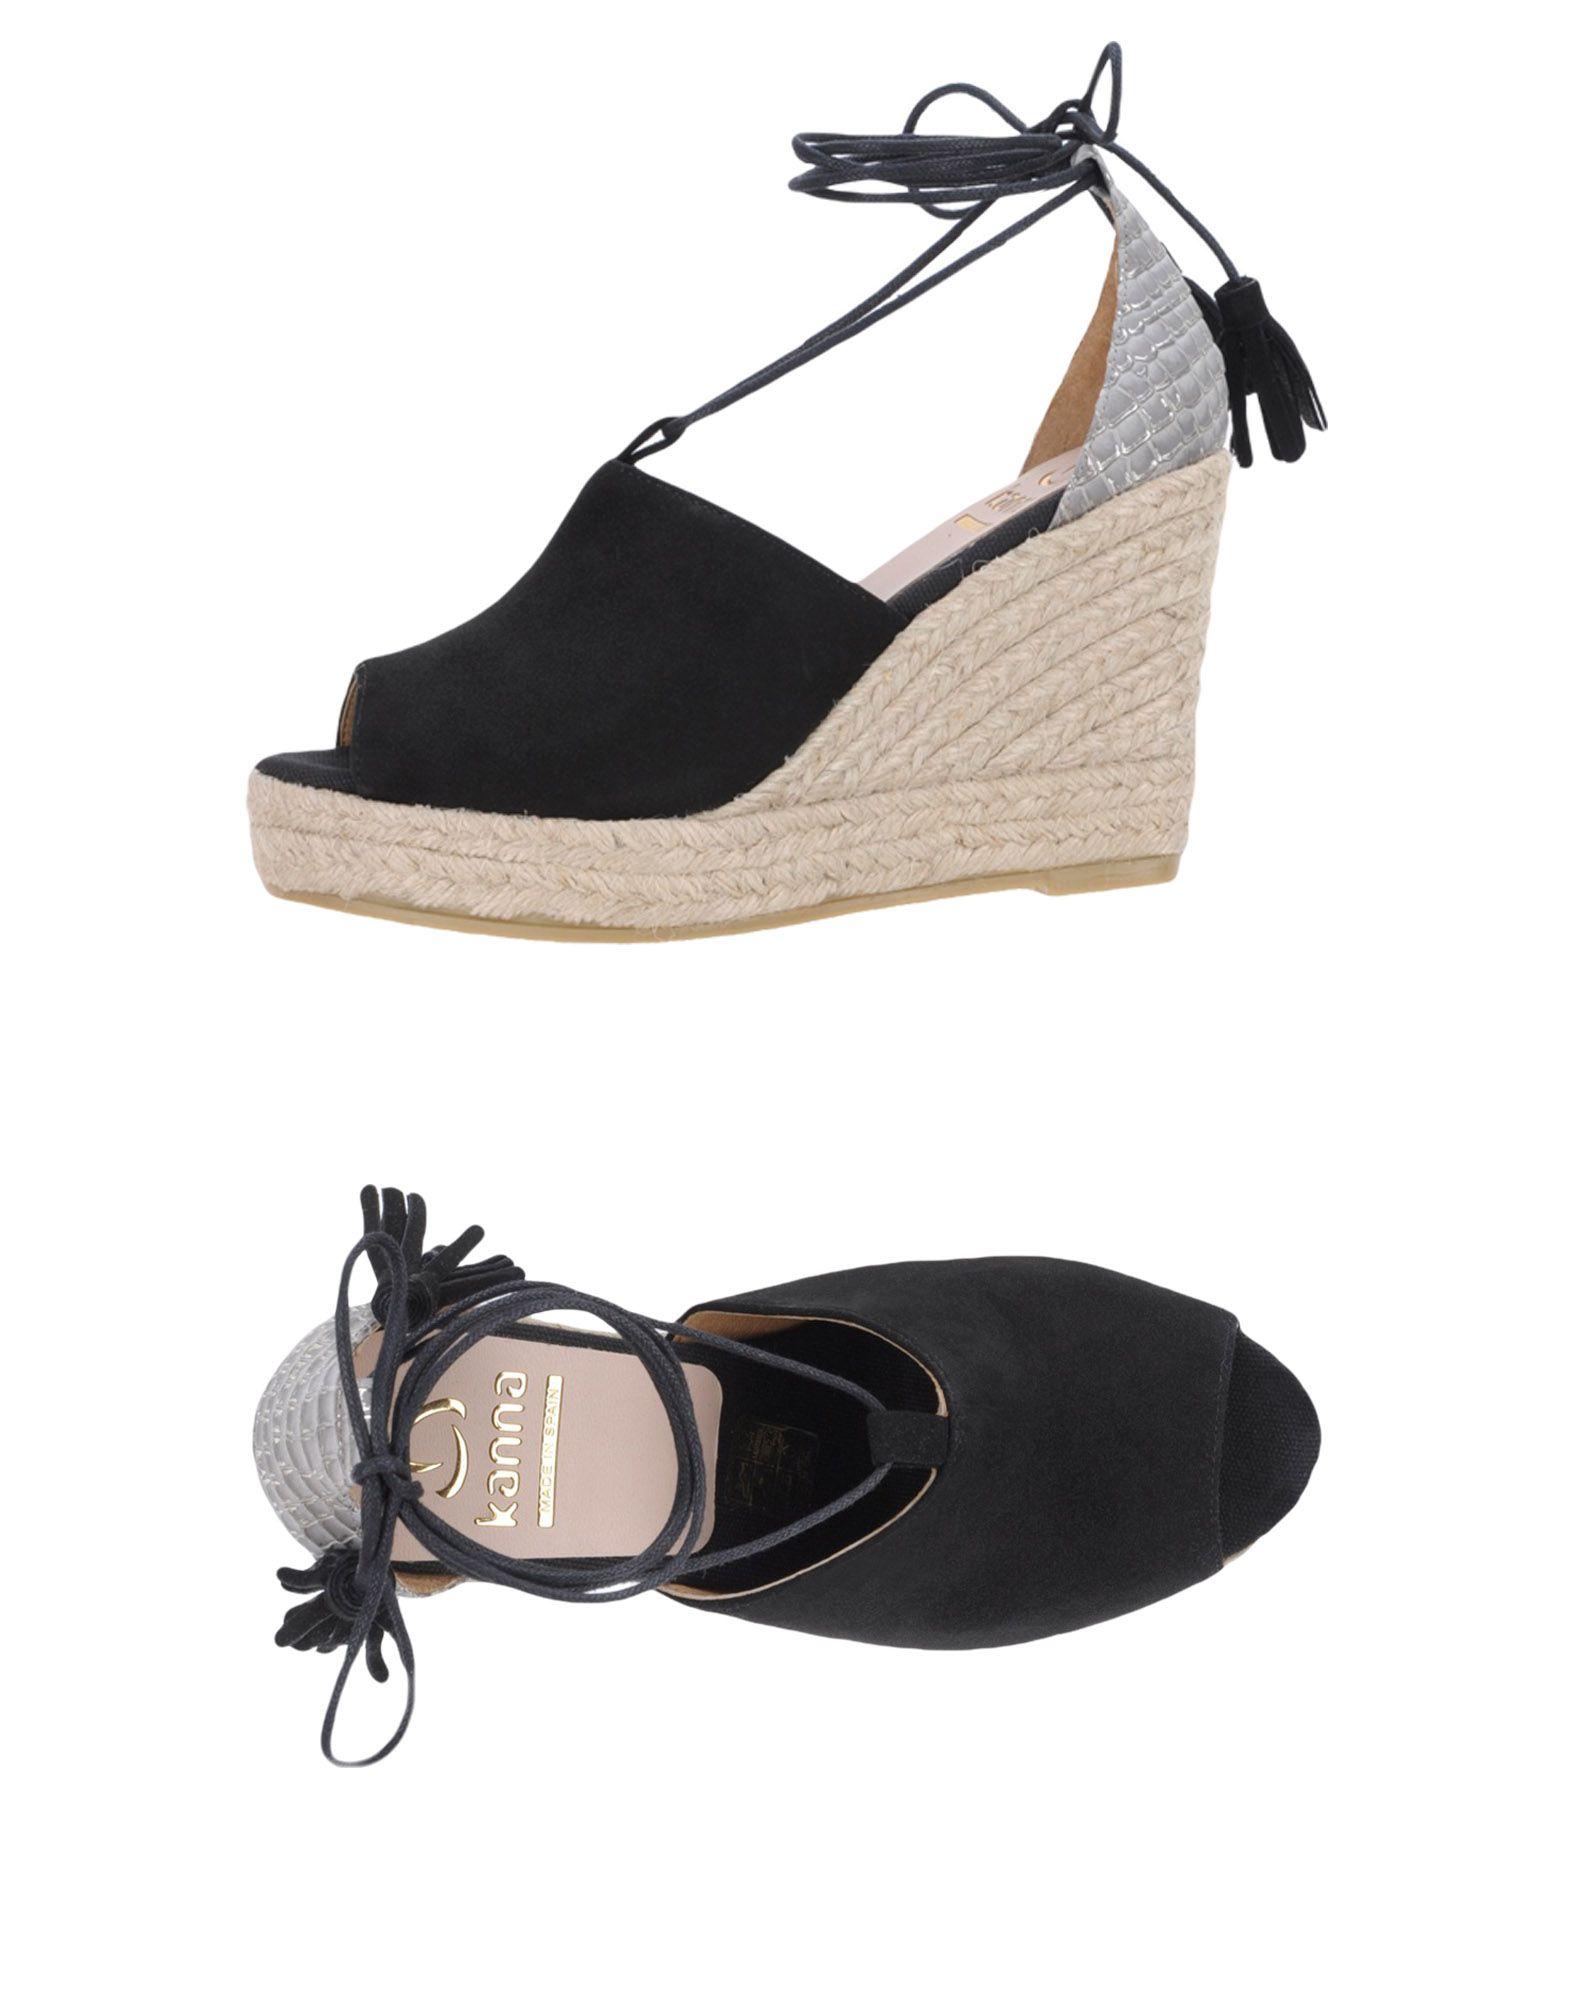 Kanna Espadrilles Damen Damen Espadrilles 11353999GB Gute Qualität beliebte Schuhe 9c5380